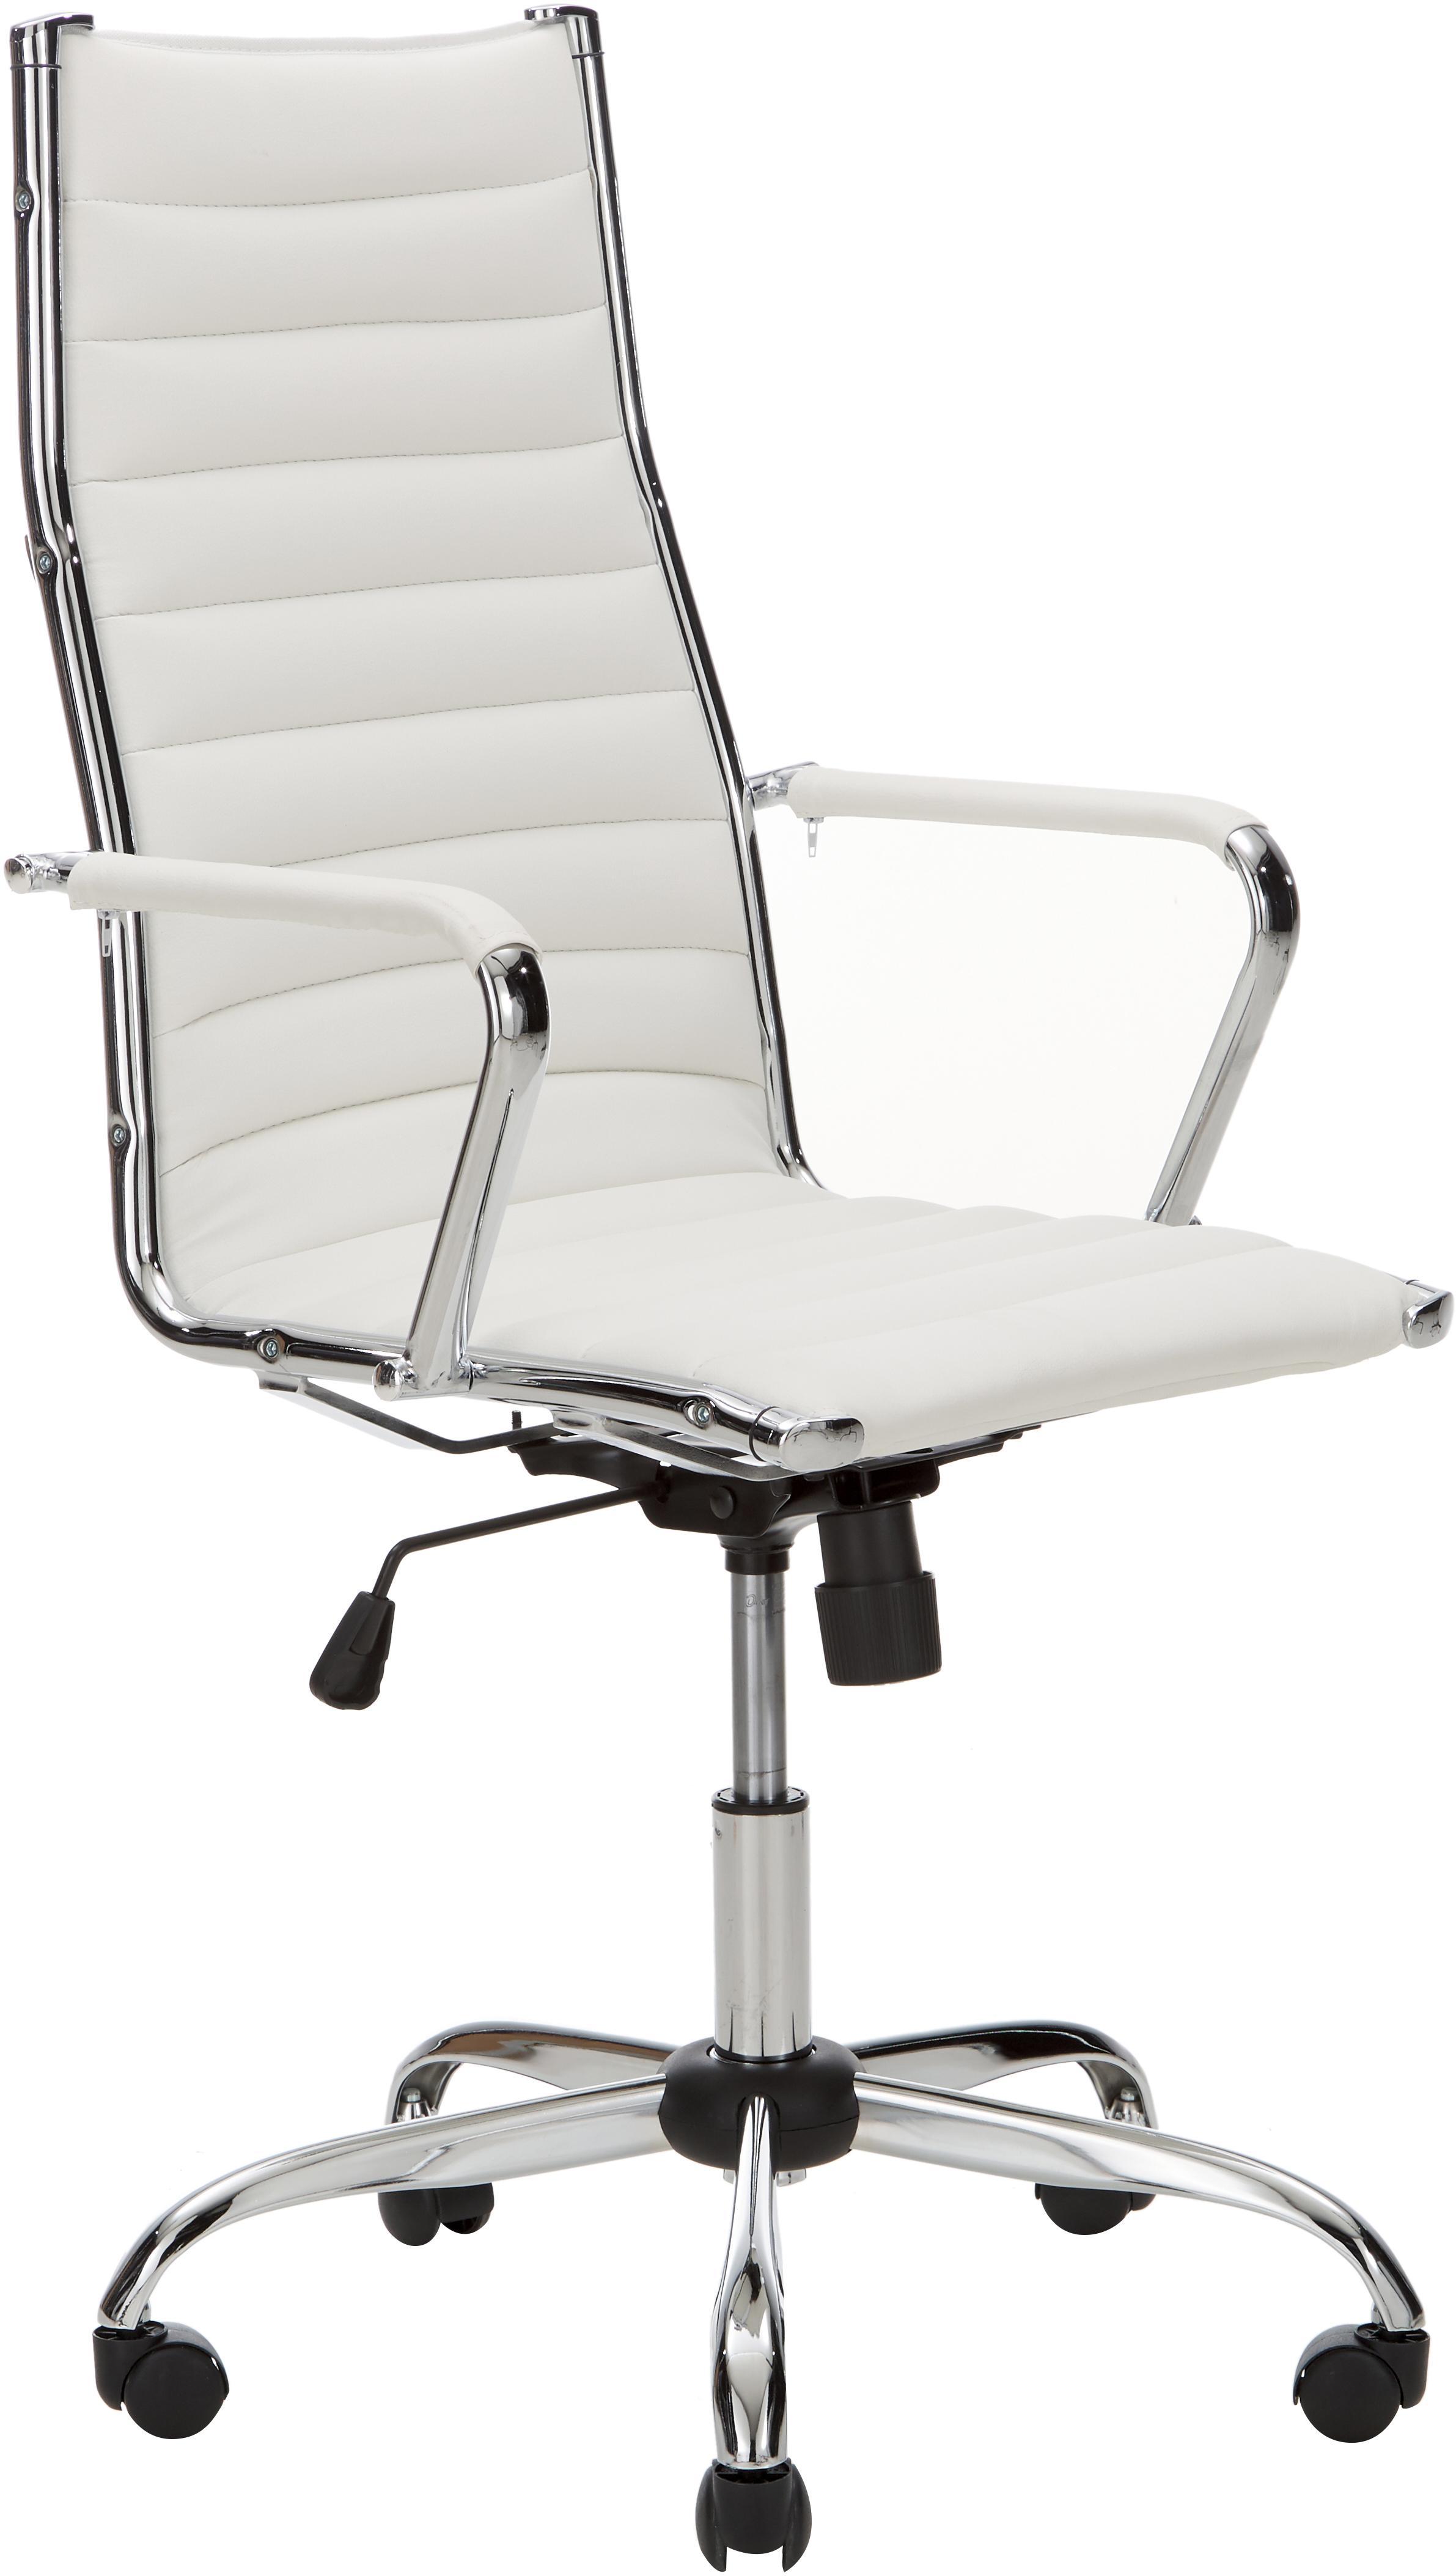 Sedia da ufficio girevole Amstyle, Rivestimento: similpelle, Struttura: metallo cromato, Bianco, cromo, Larg. 60 x Prof. 62 cm